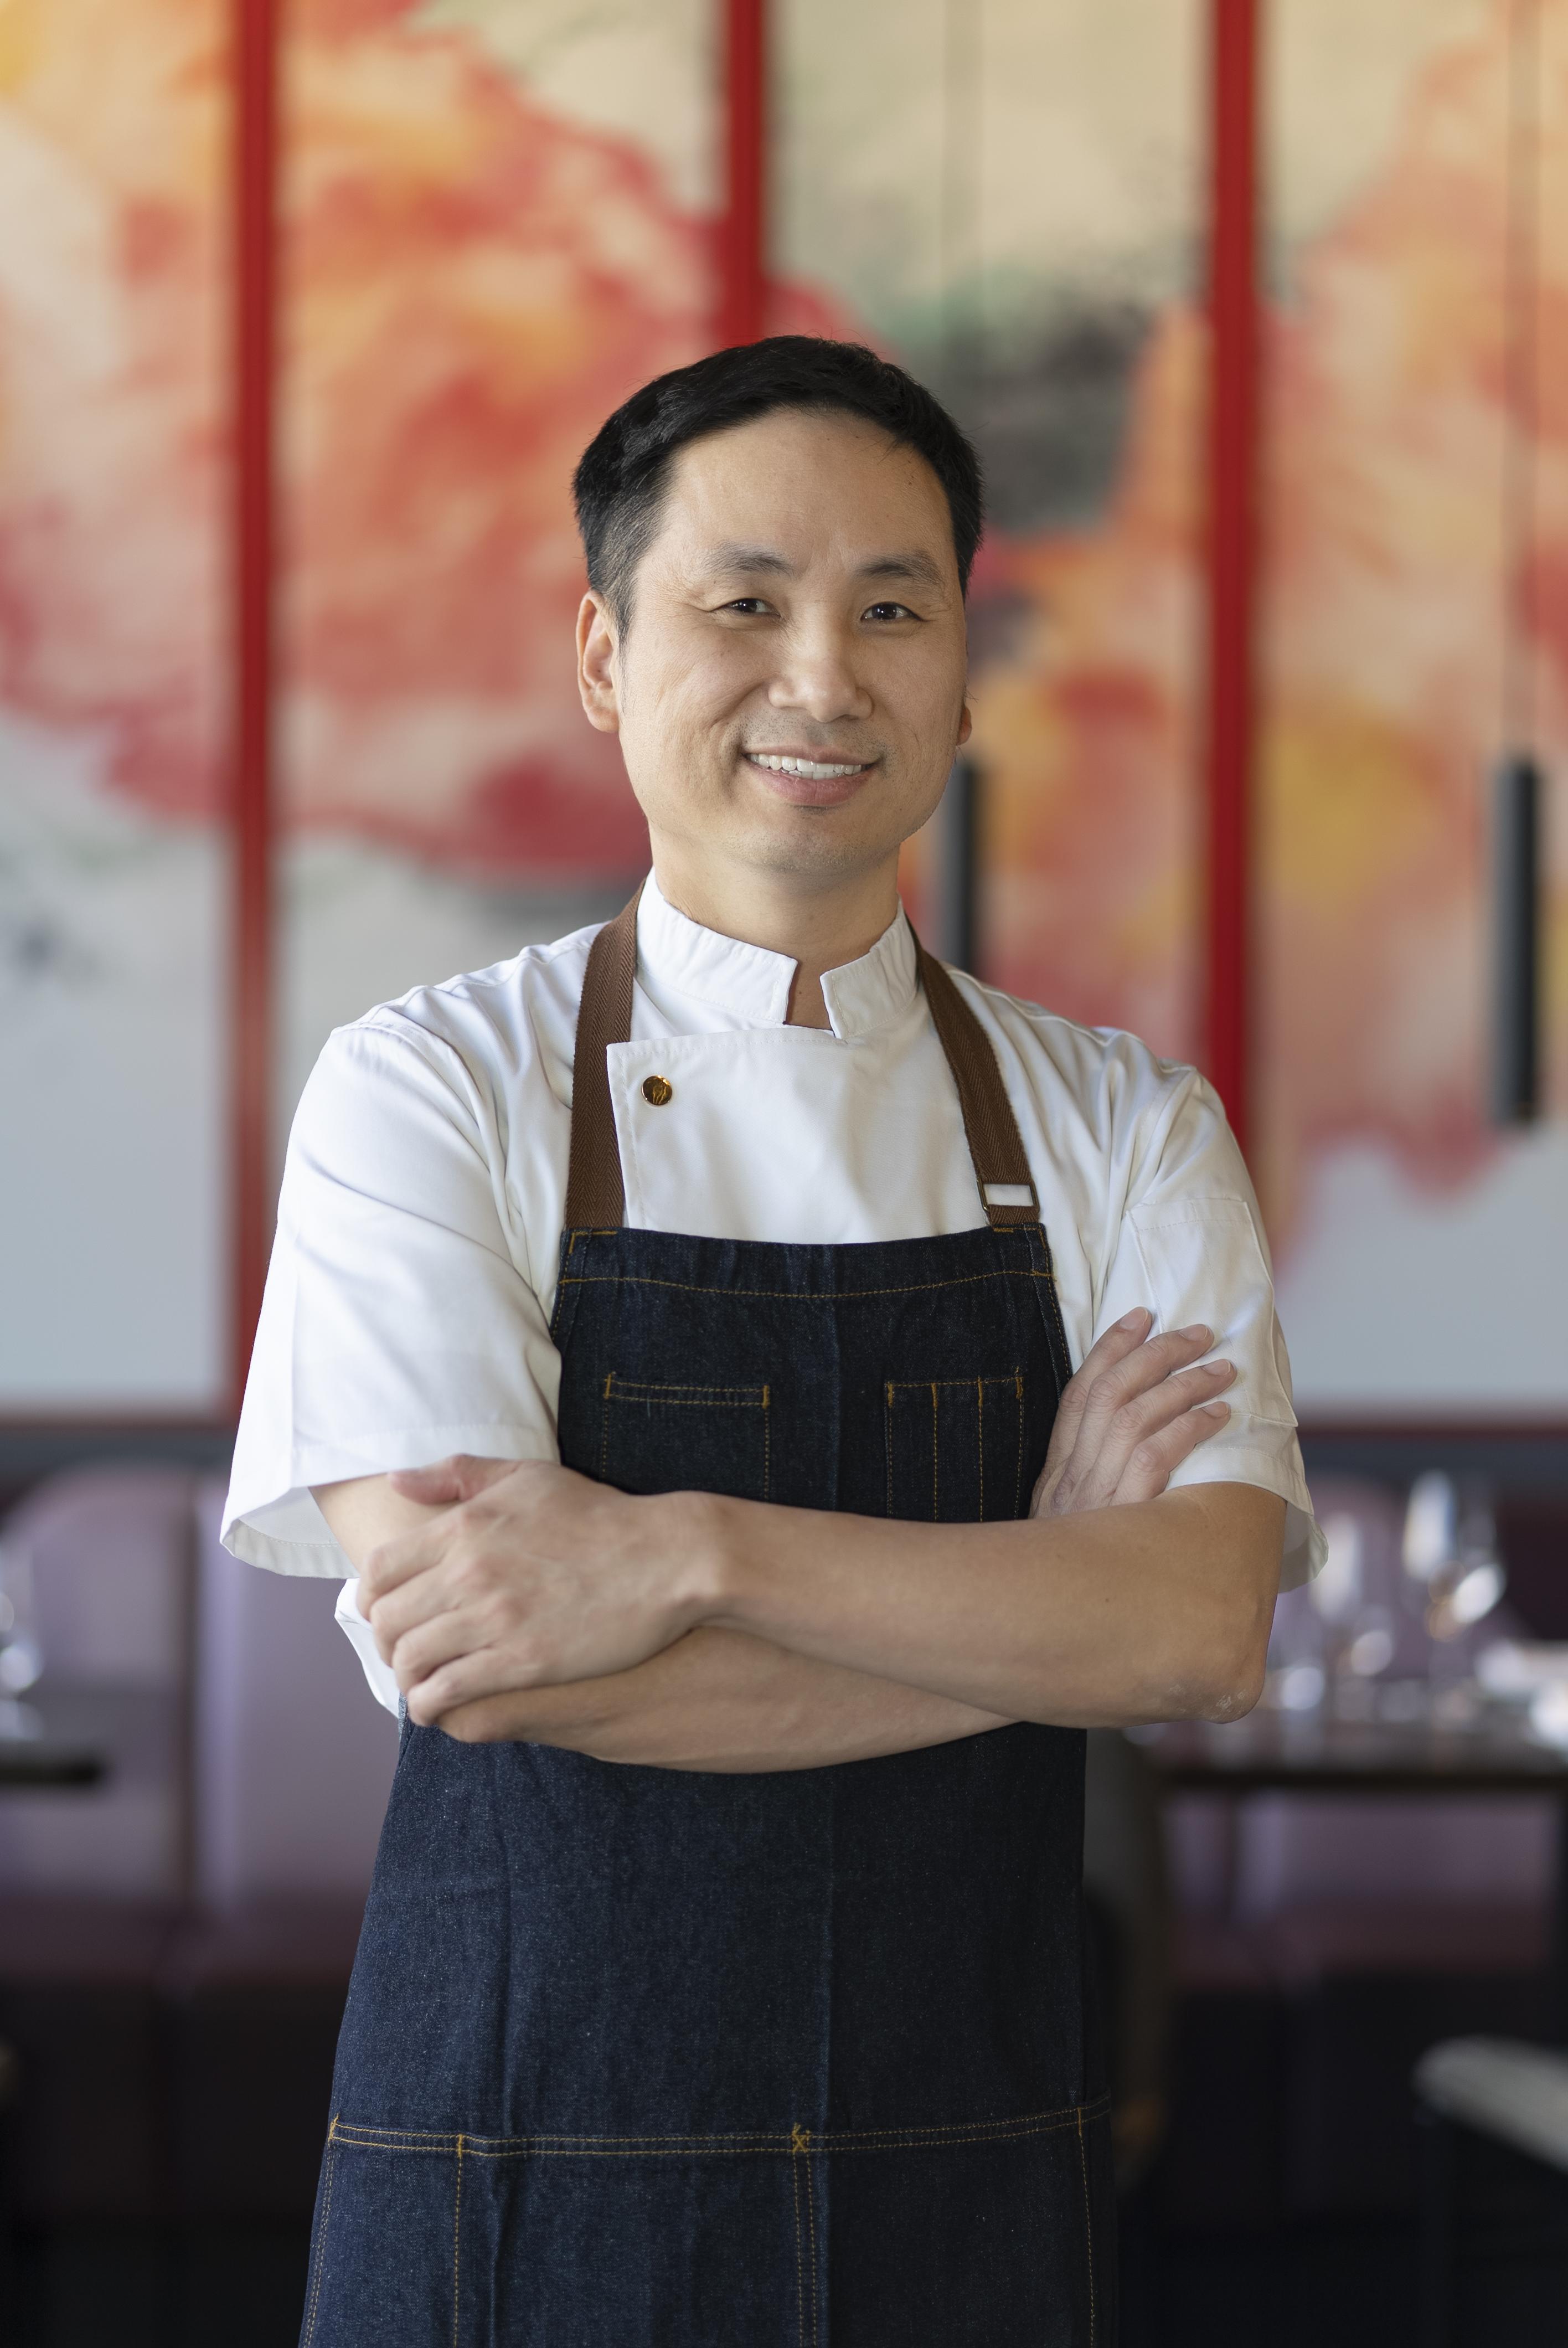 大马星级厨师何振文在国际餐饮界推广创意粤菜